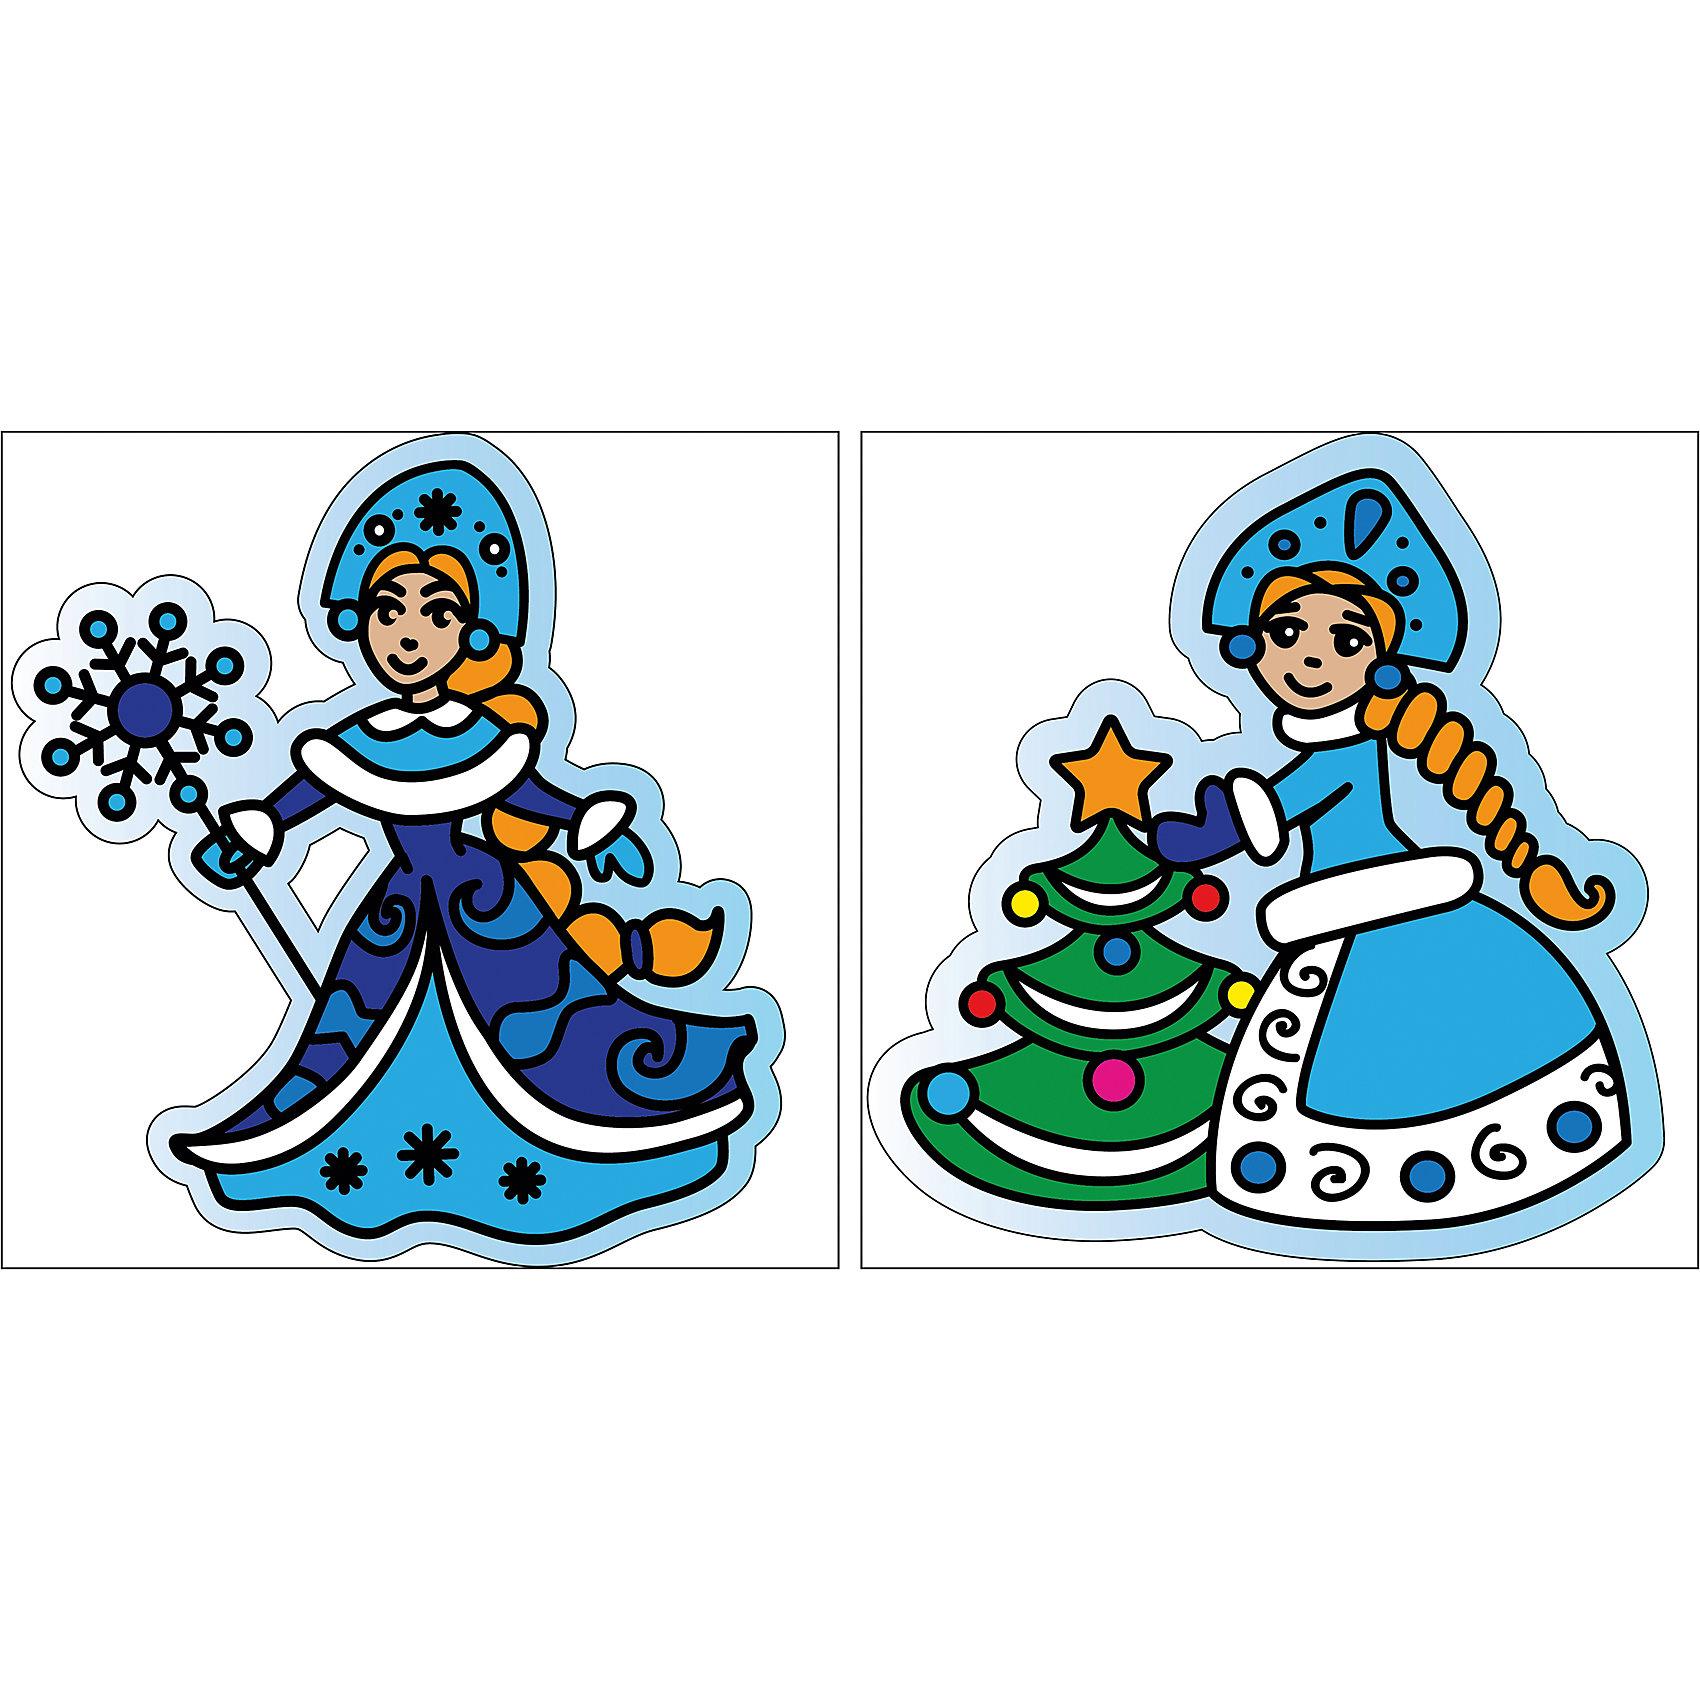 Гелевая наклейка Снегурочка 16 см, в ассортиментеГелевая наклейка Снегурочка украсит ваш интерьер и придаст ему новогоднее настроение.Размер наклейки 16 см, в ассортменте<br><br>Ширина мм: 160<br>Глубина мм: 150<br>Высота мм: 50<br>Вес г: 31<br>Возраст от месяцев: 36<br>Возраст до месяцев: 420<br>Пол: Унисекс<br>Возраст: Детский<br>SKU: 5078427